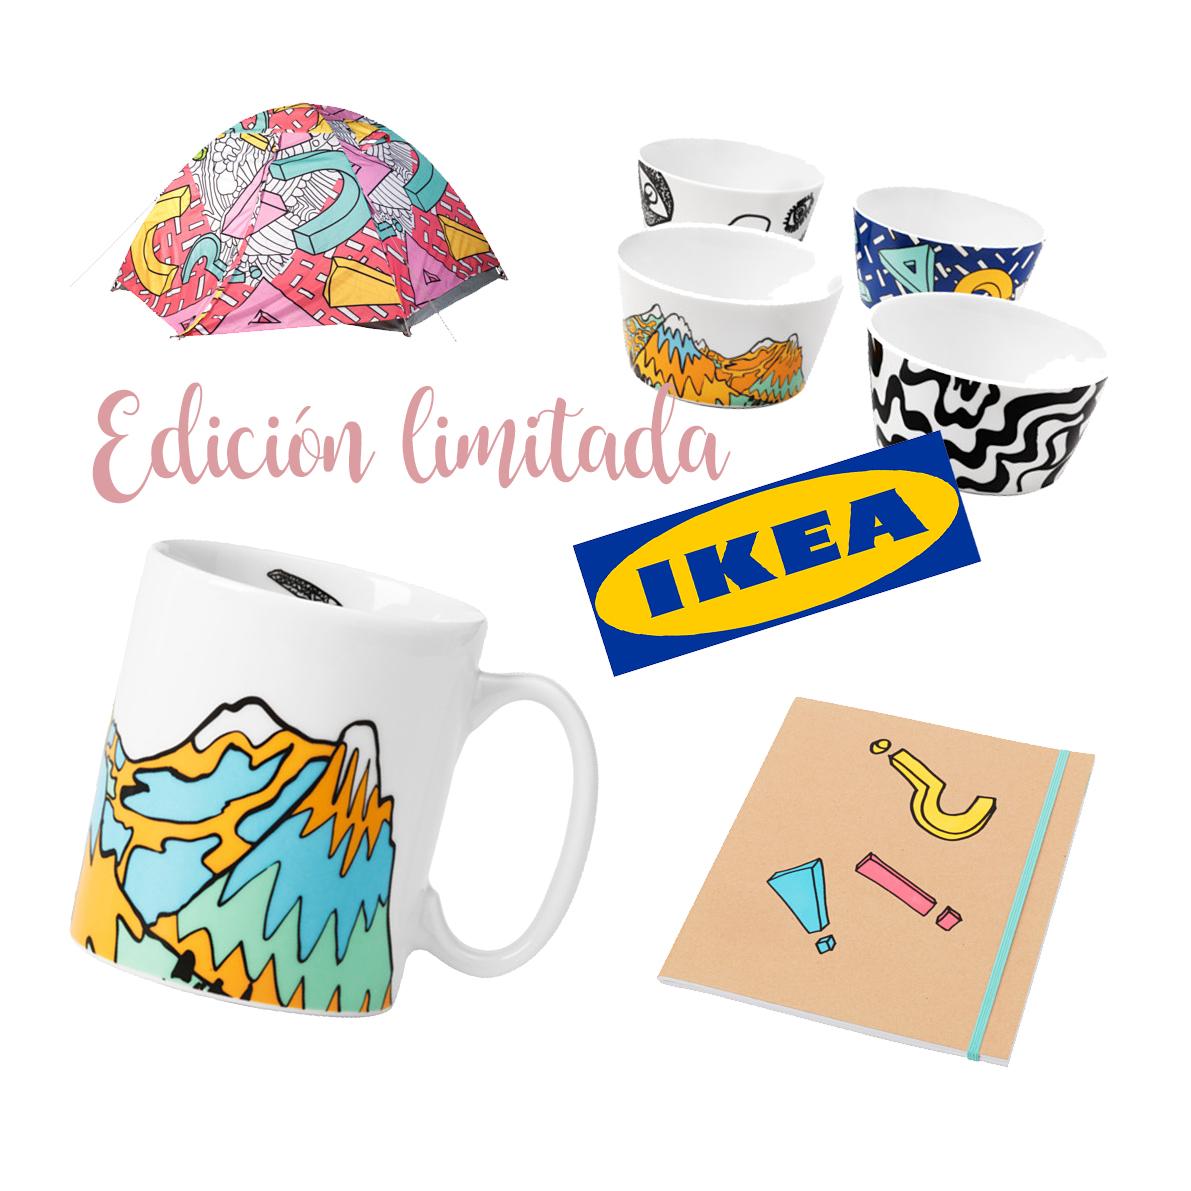 ¡Edición limitada en IKEA!